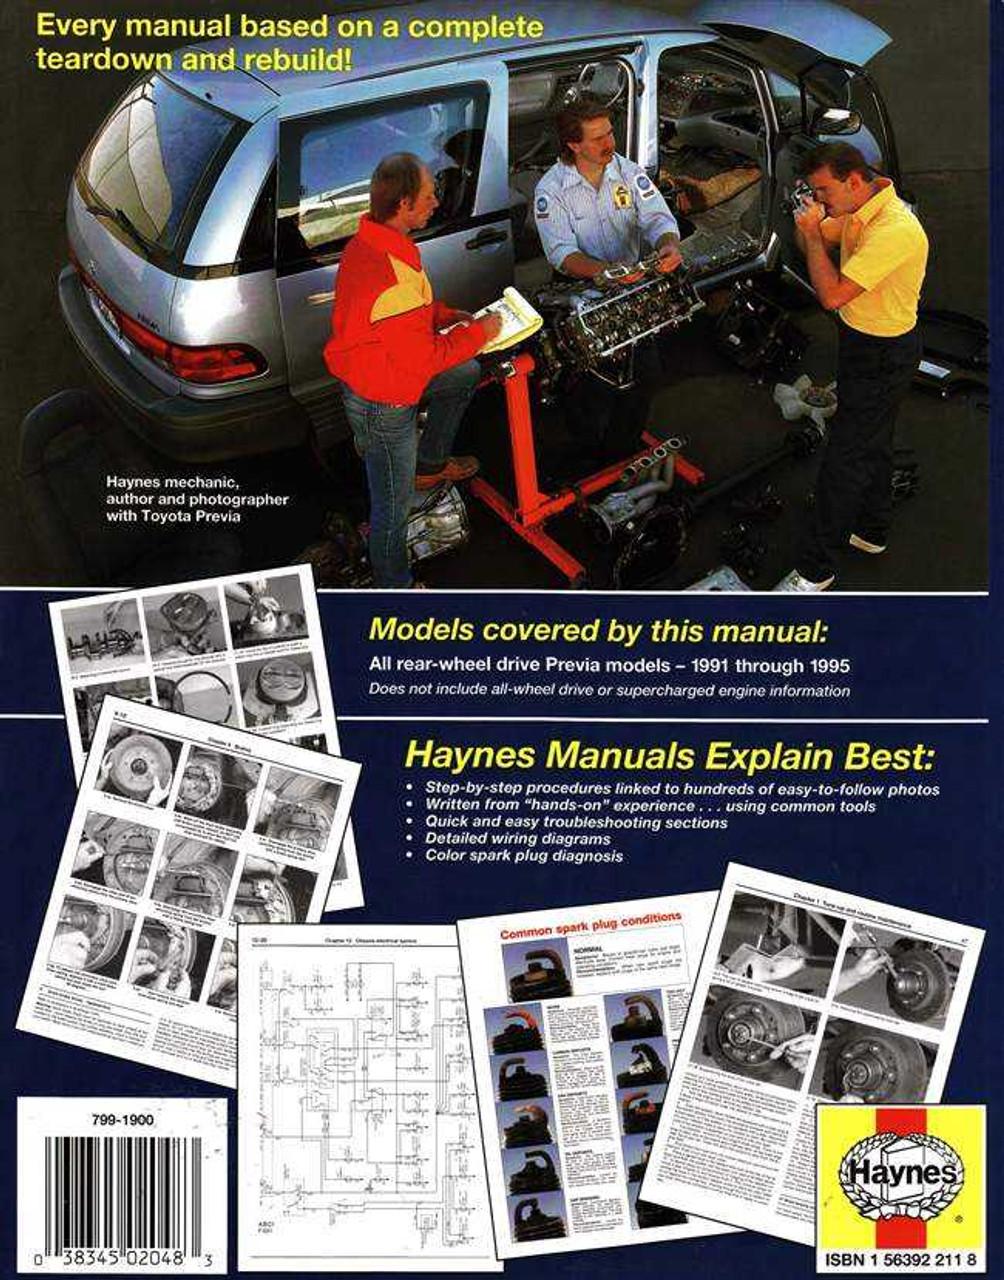 1992 Toyota Previa Wiring Diagram On Toyota Previa Wiring Diagram